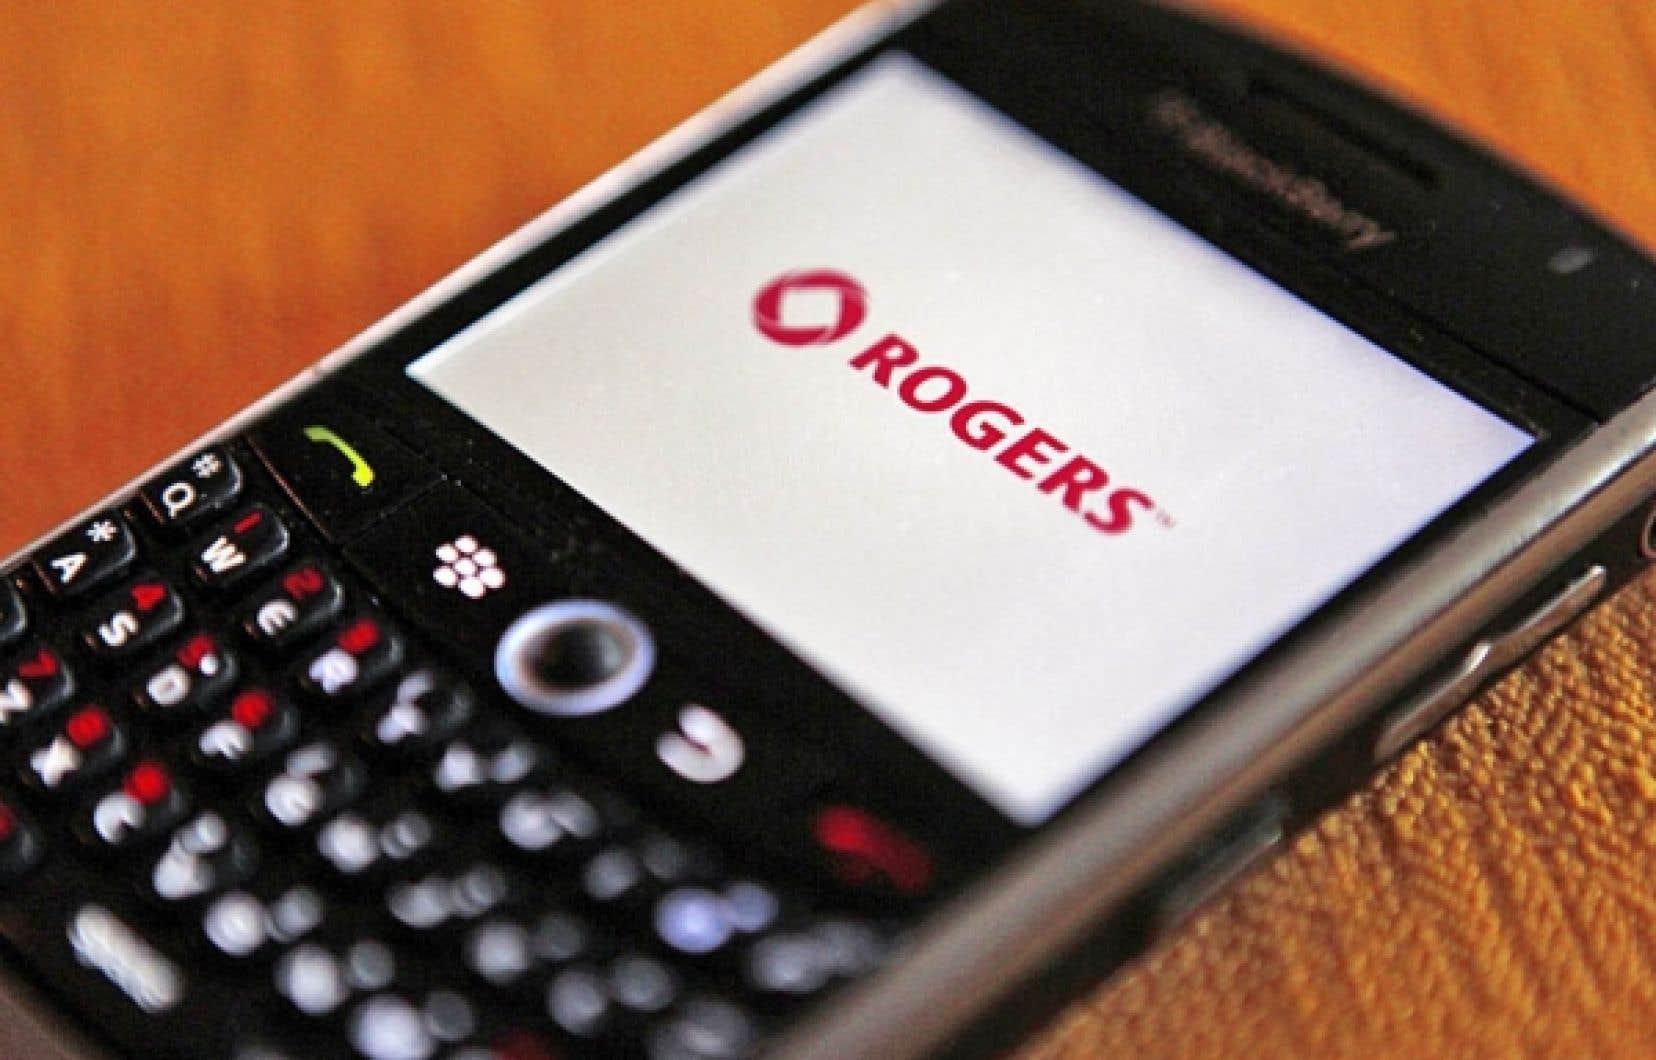 Rob Bruce a précisé que Rogers avait procédé à une restructuration majeure à l'interne au cours de l'année afin de réduire les coûts.